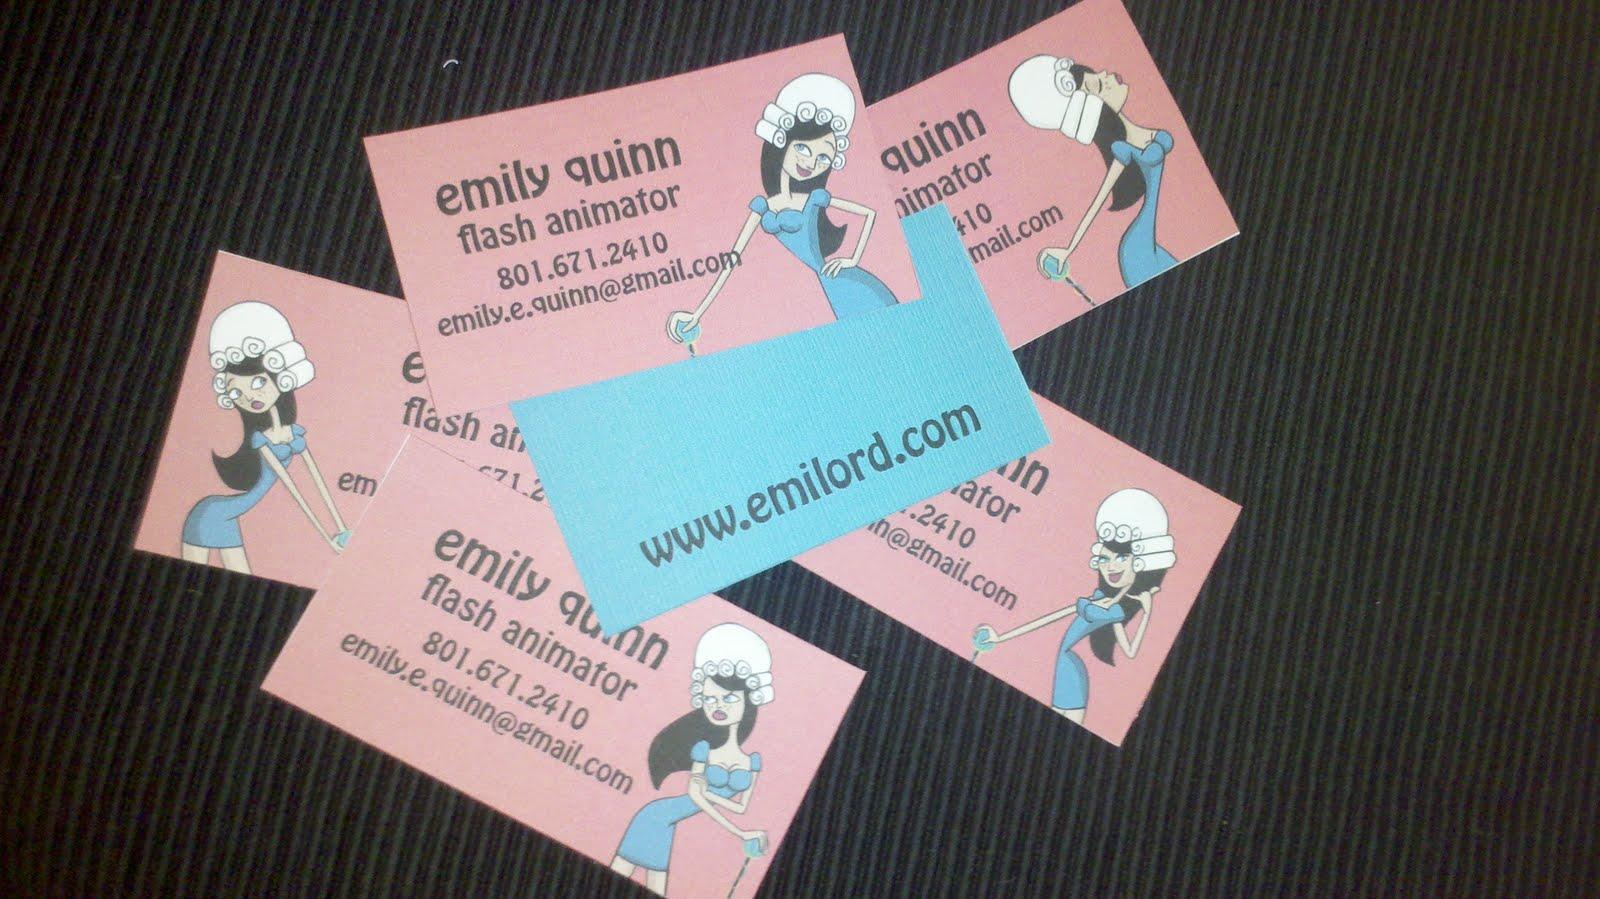 emilord entertainment: November 2011